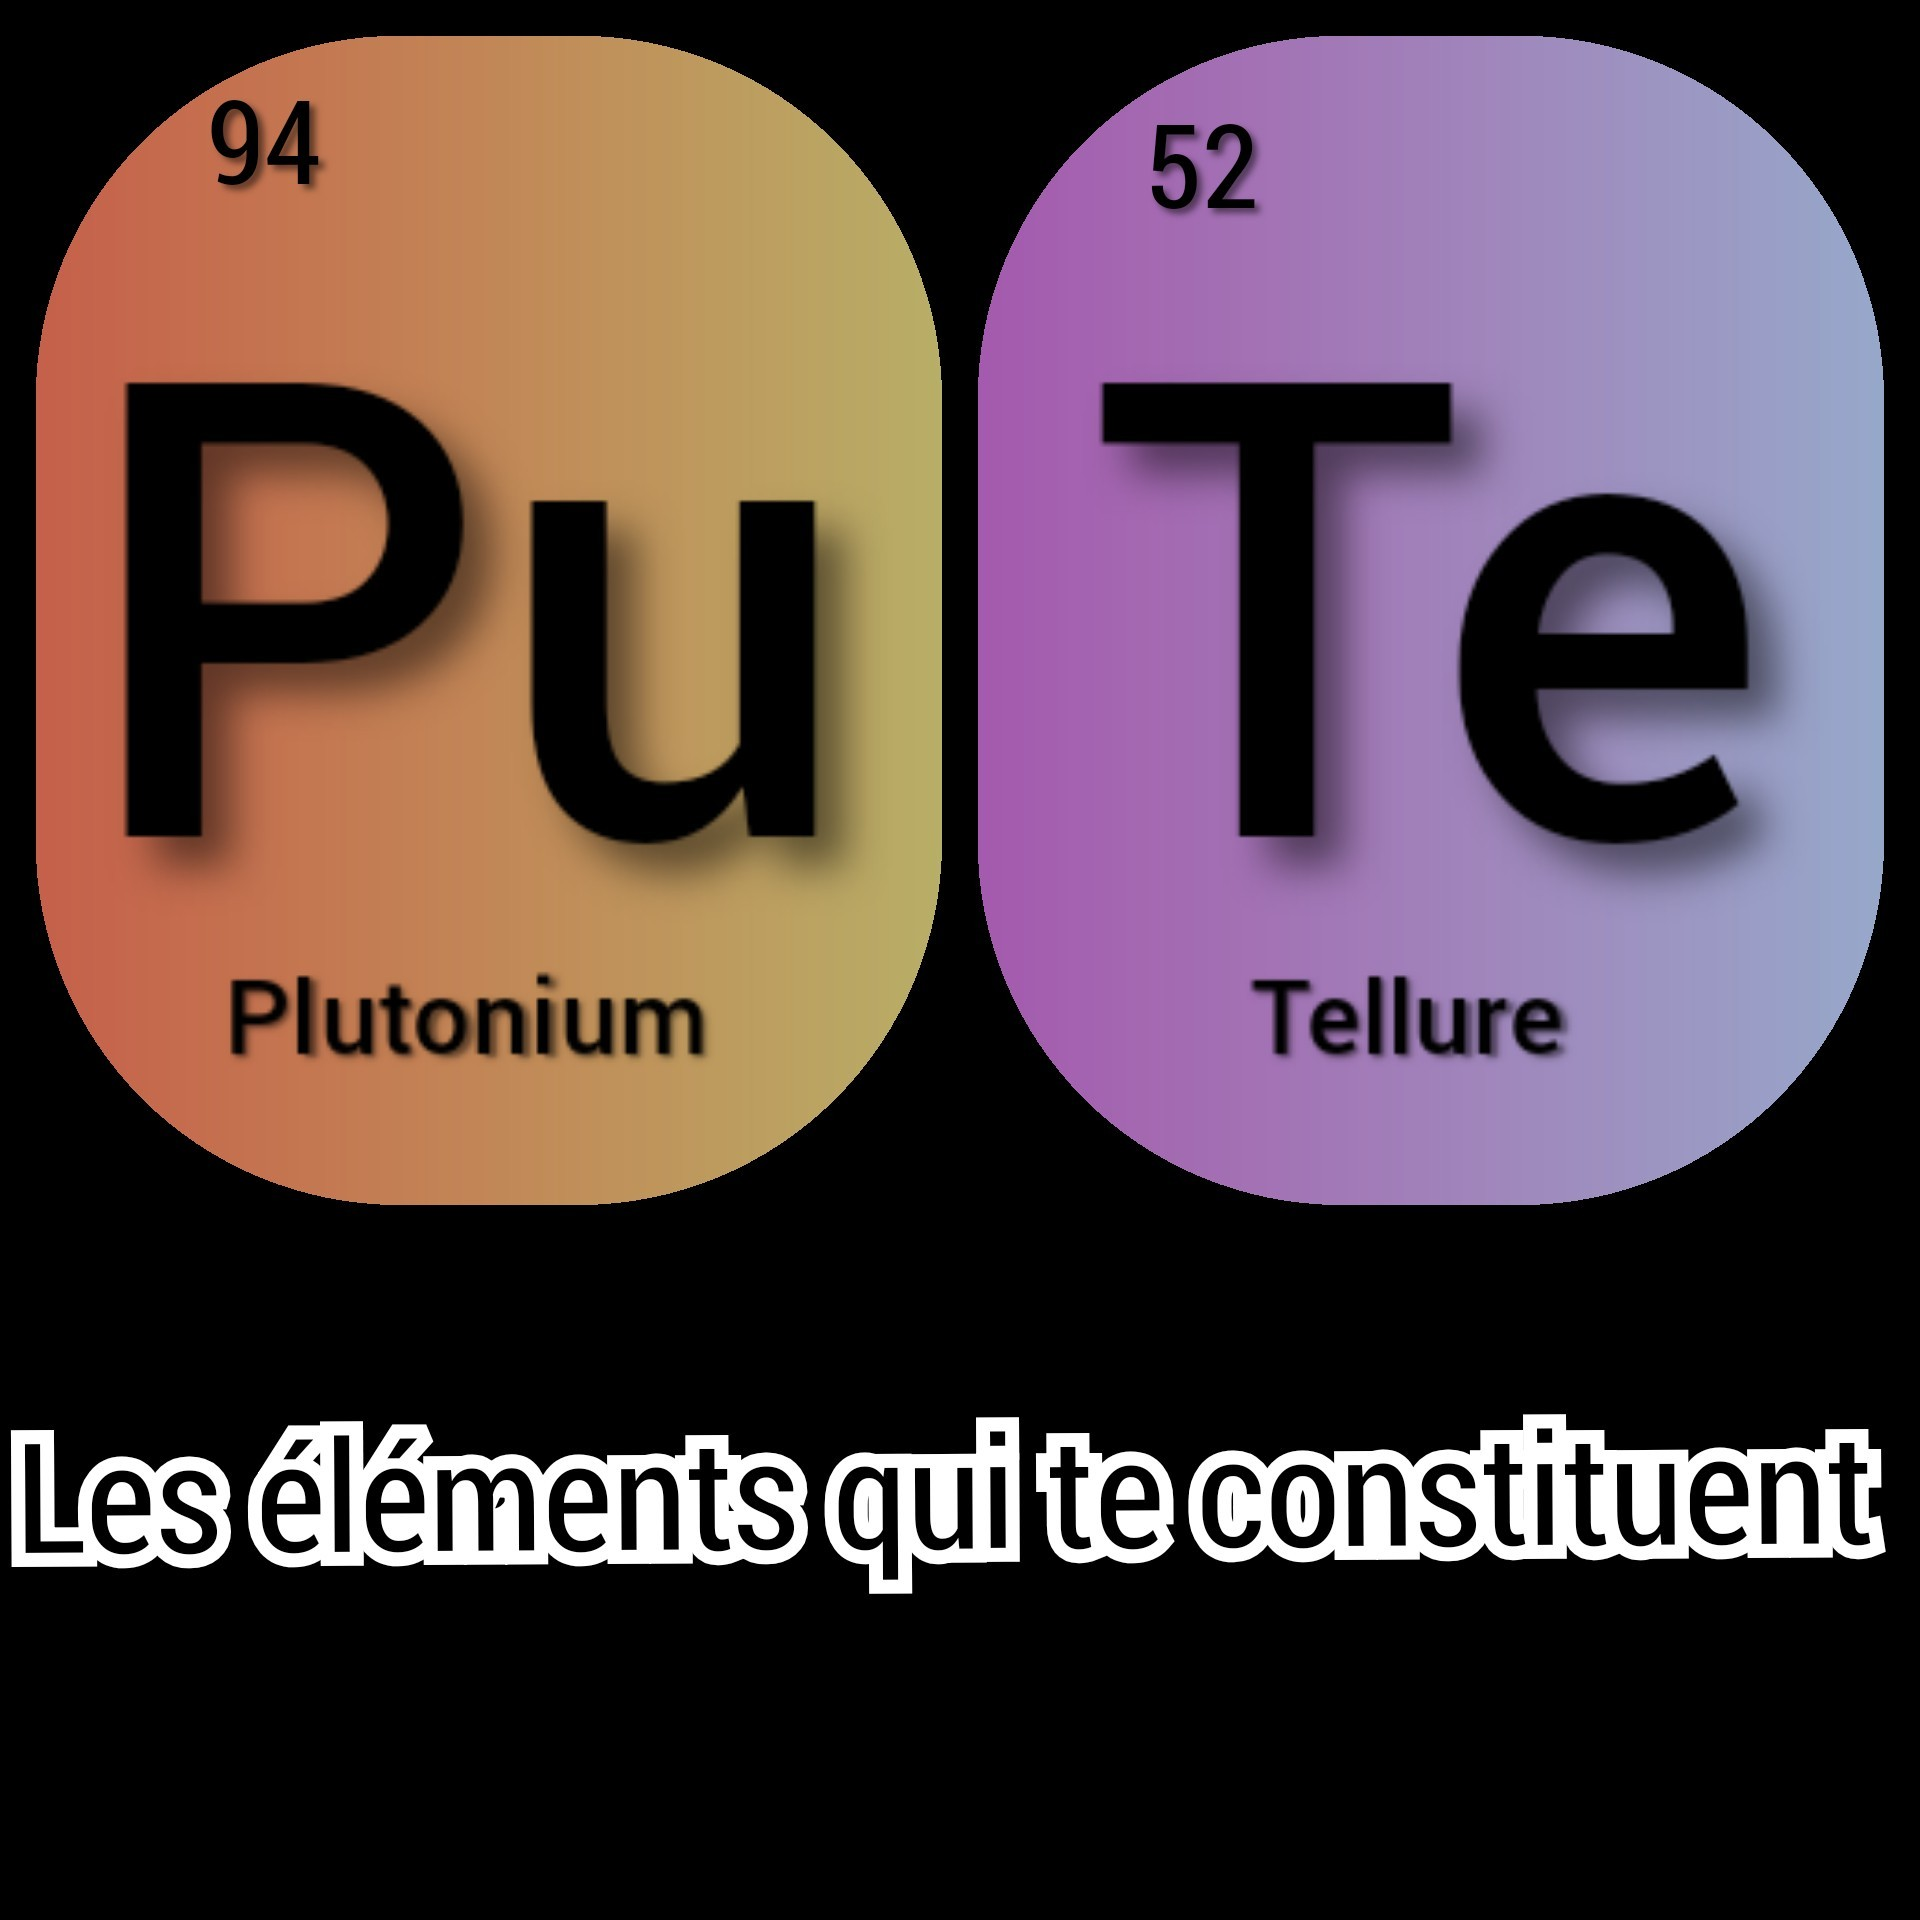 Tellure de plutonium - meme